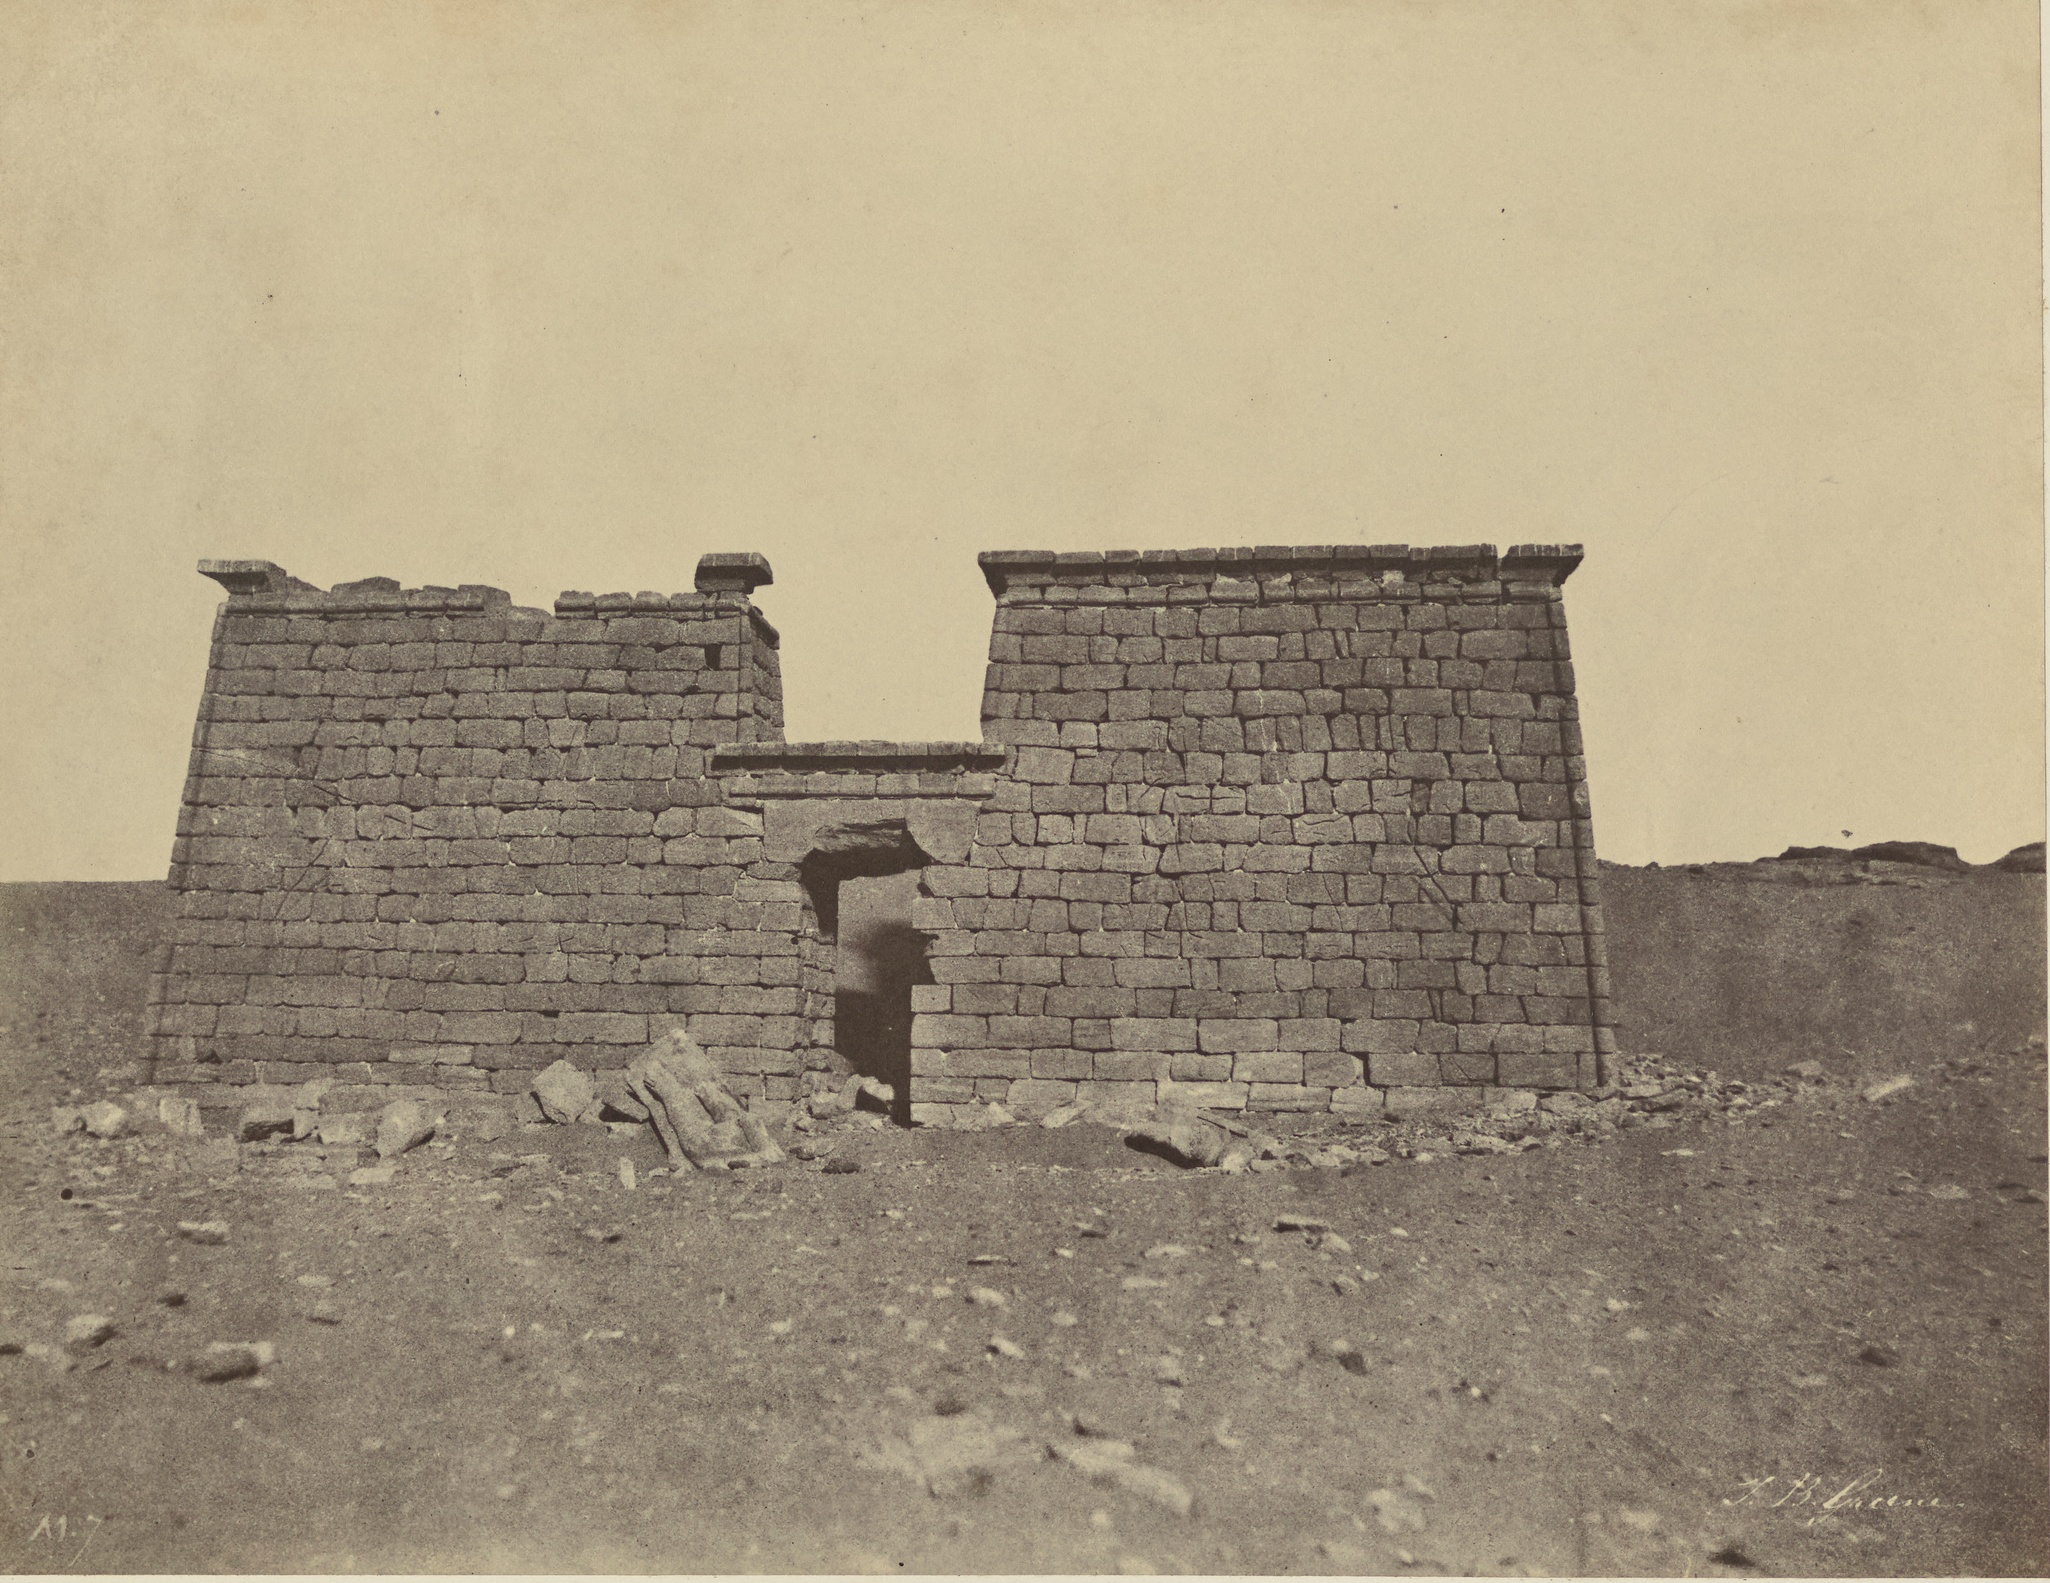 Храм Вади-эс-Себуа